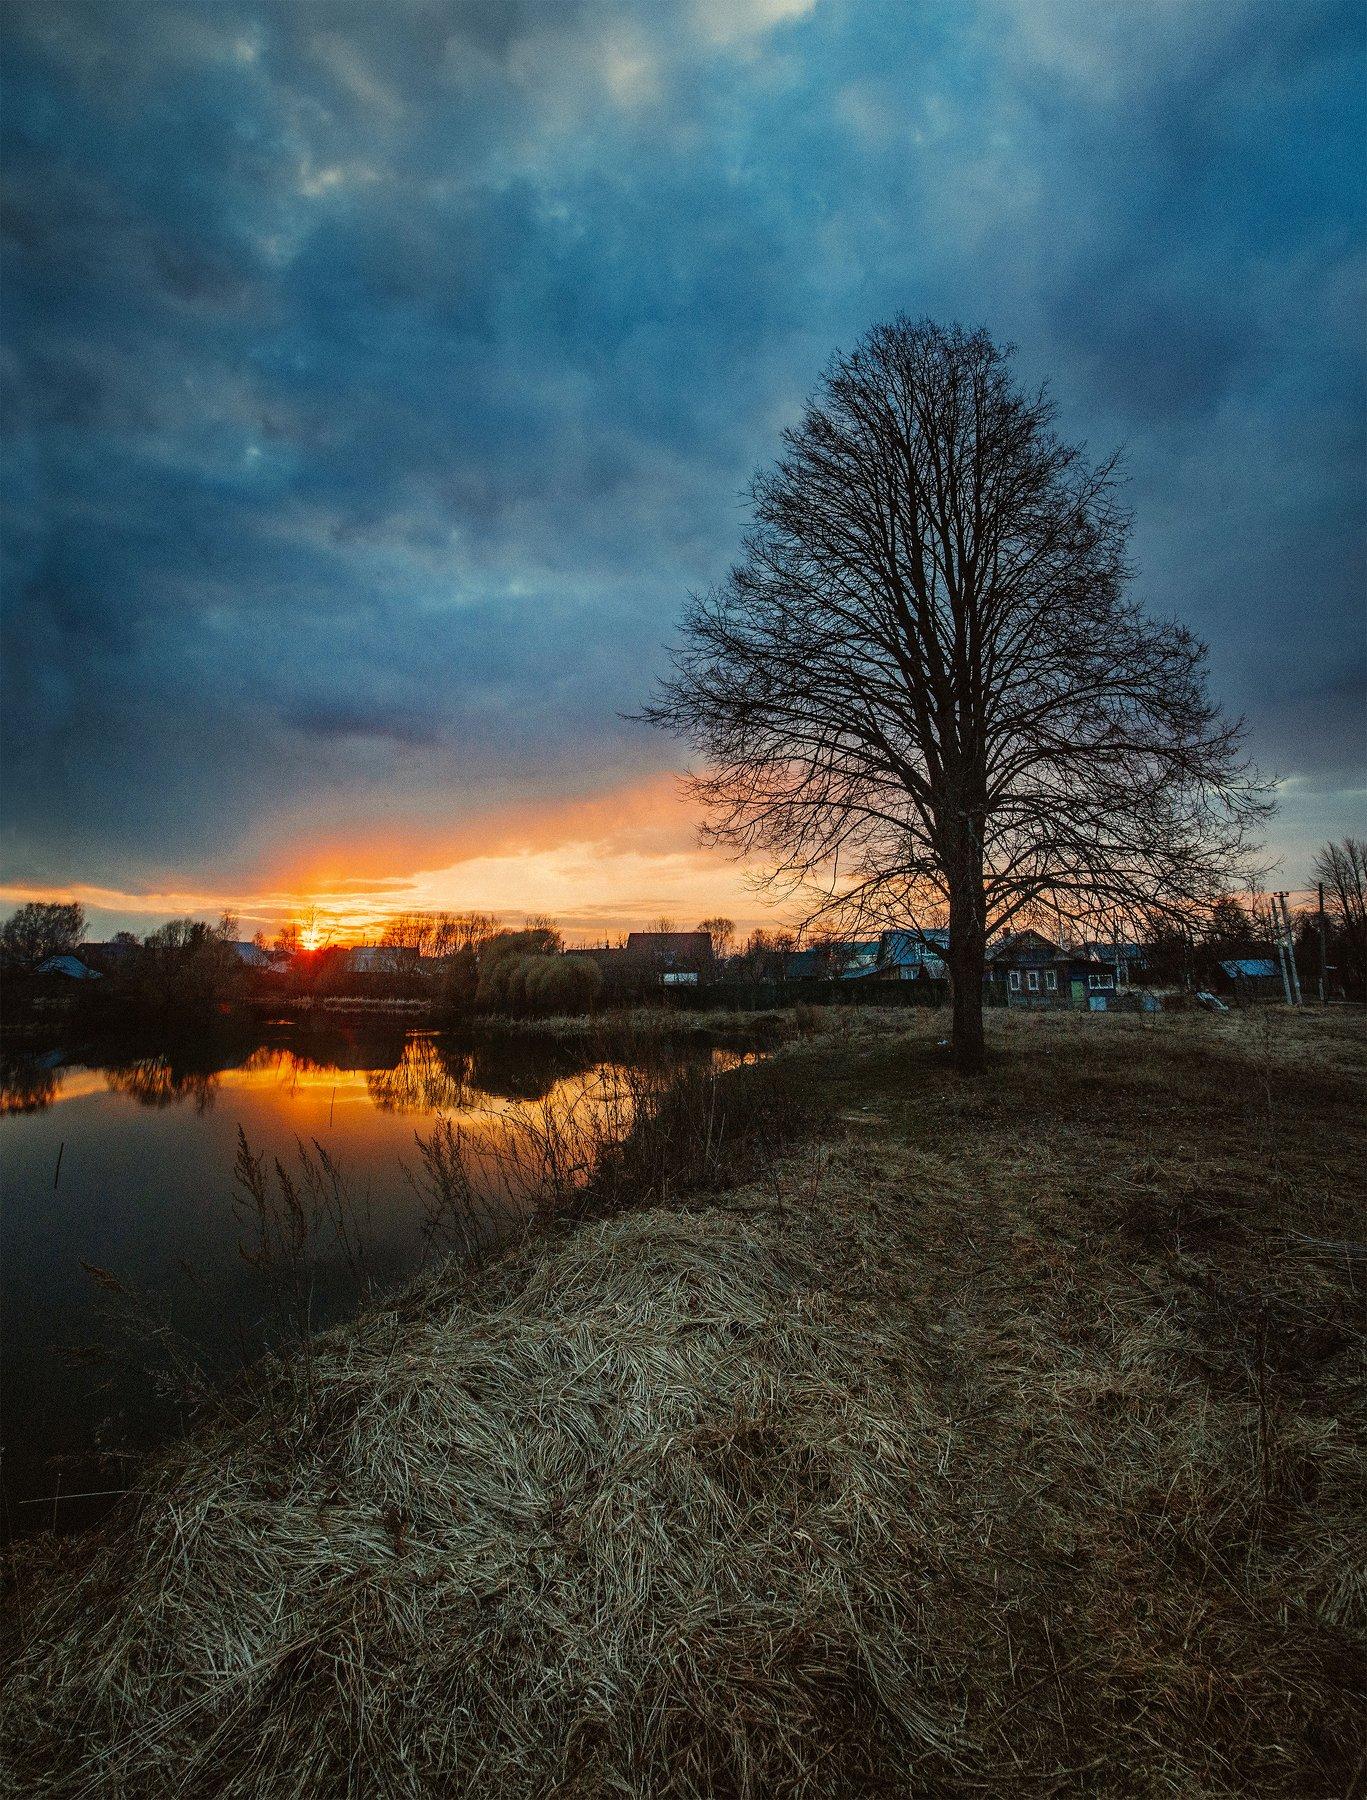 закат, россия, пруд, в деревне, Воробьёв Евгений